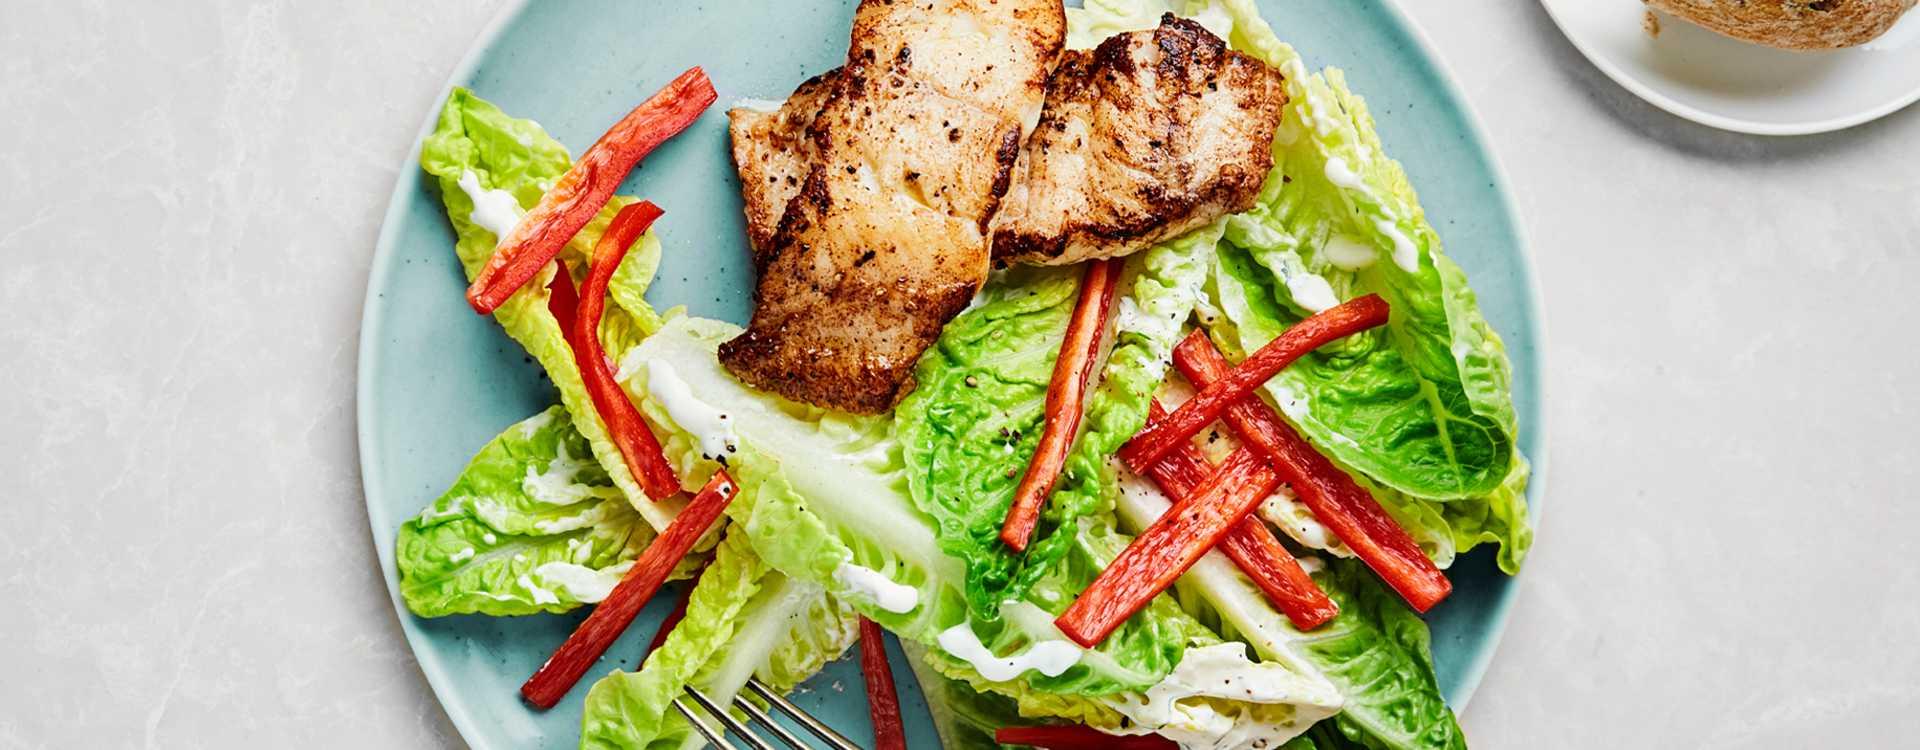 Smørstekt steinbit eller torsk med hjertesalat